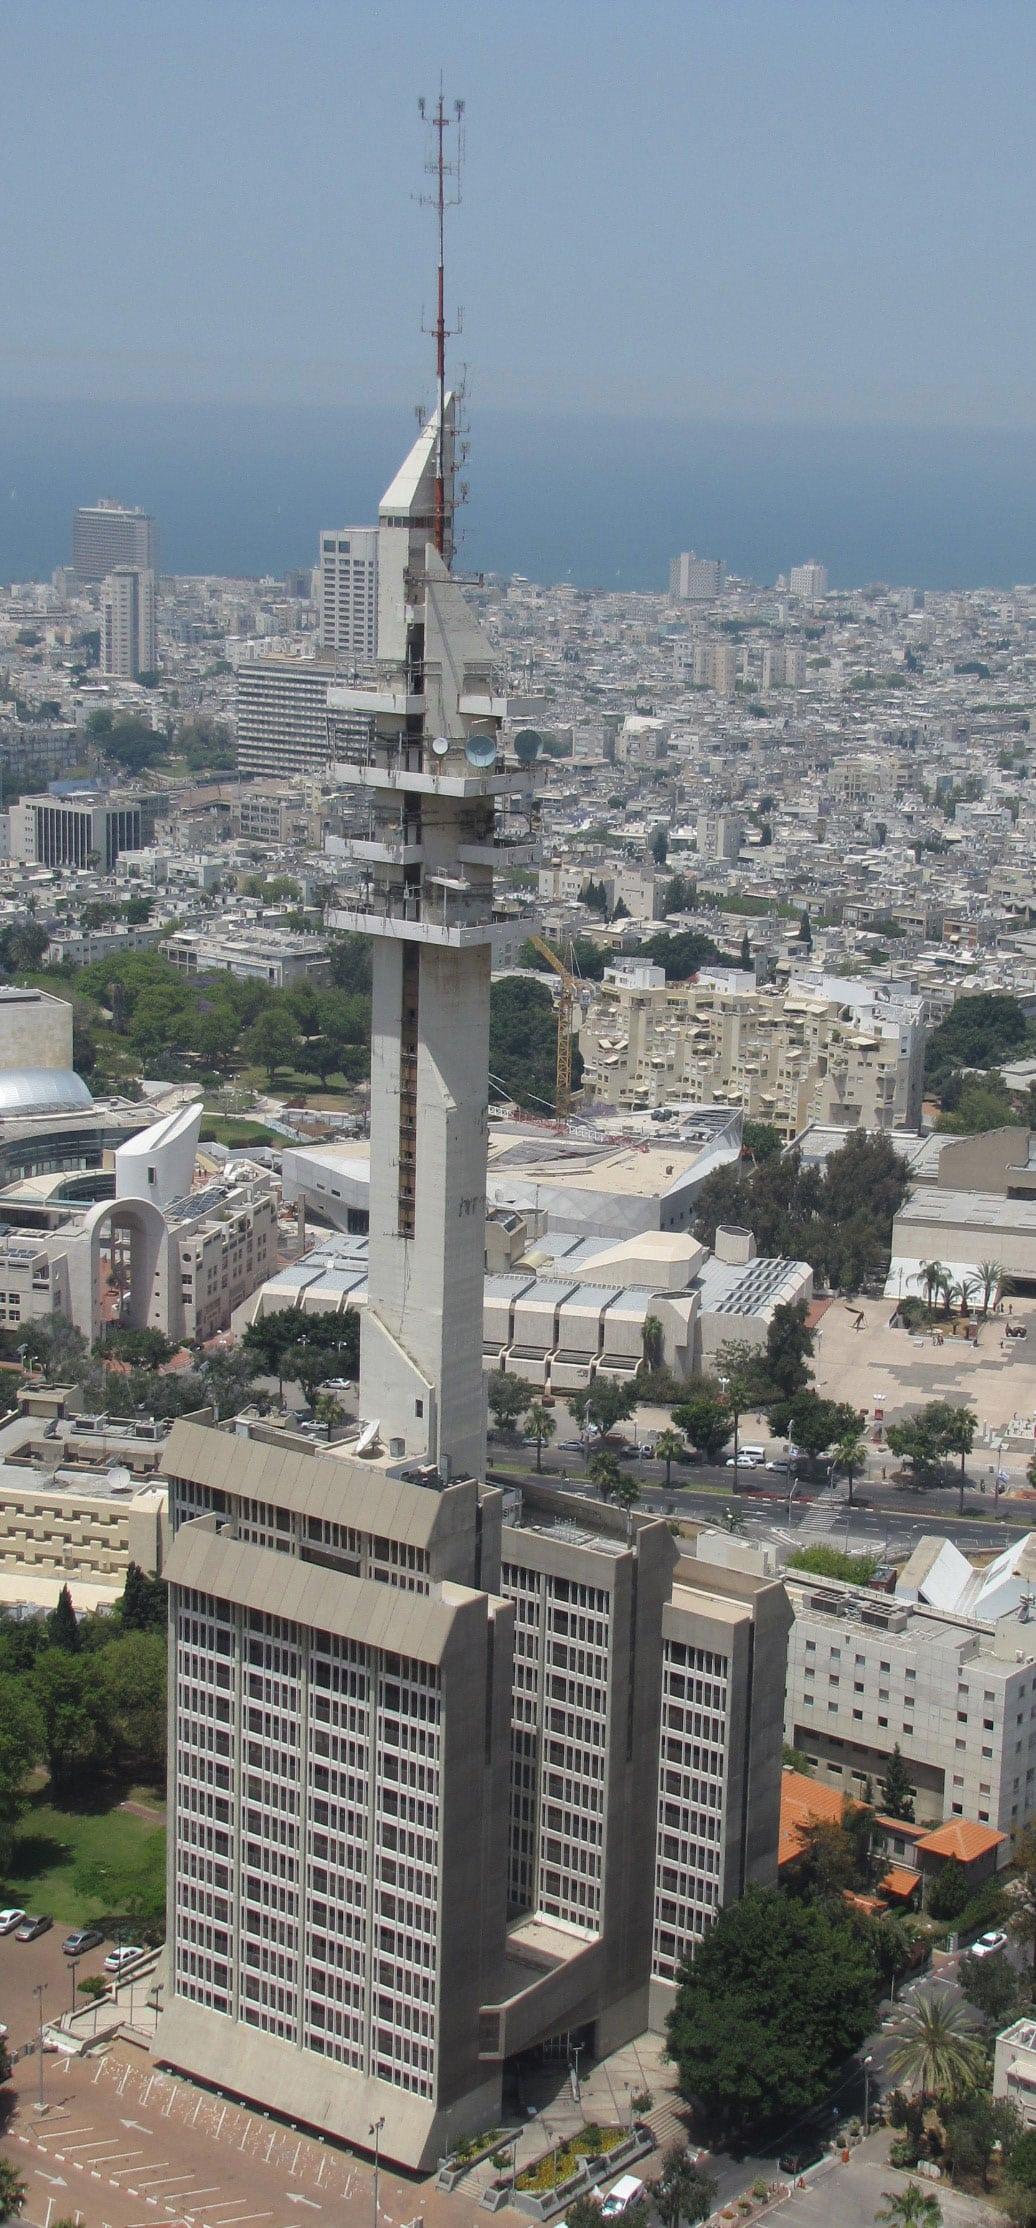 מגדל מרגנית המפורסם בקריה, בסוף שנות ה-80 (צילום: ויקיפדיה)